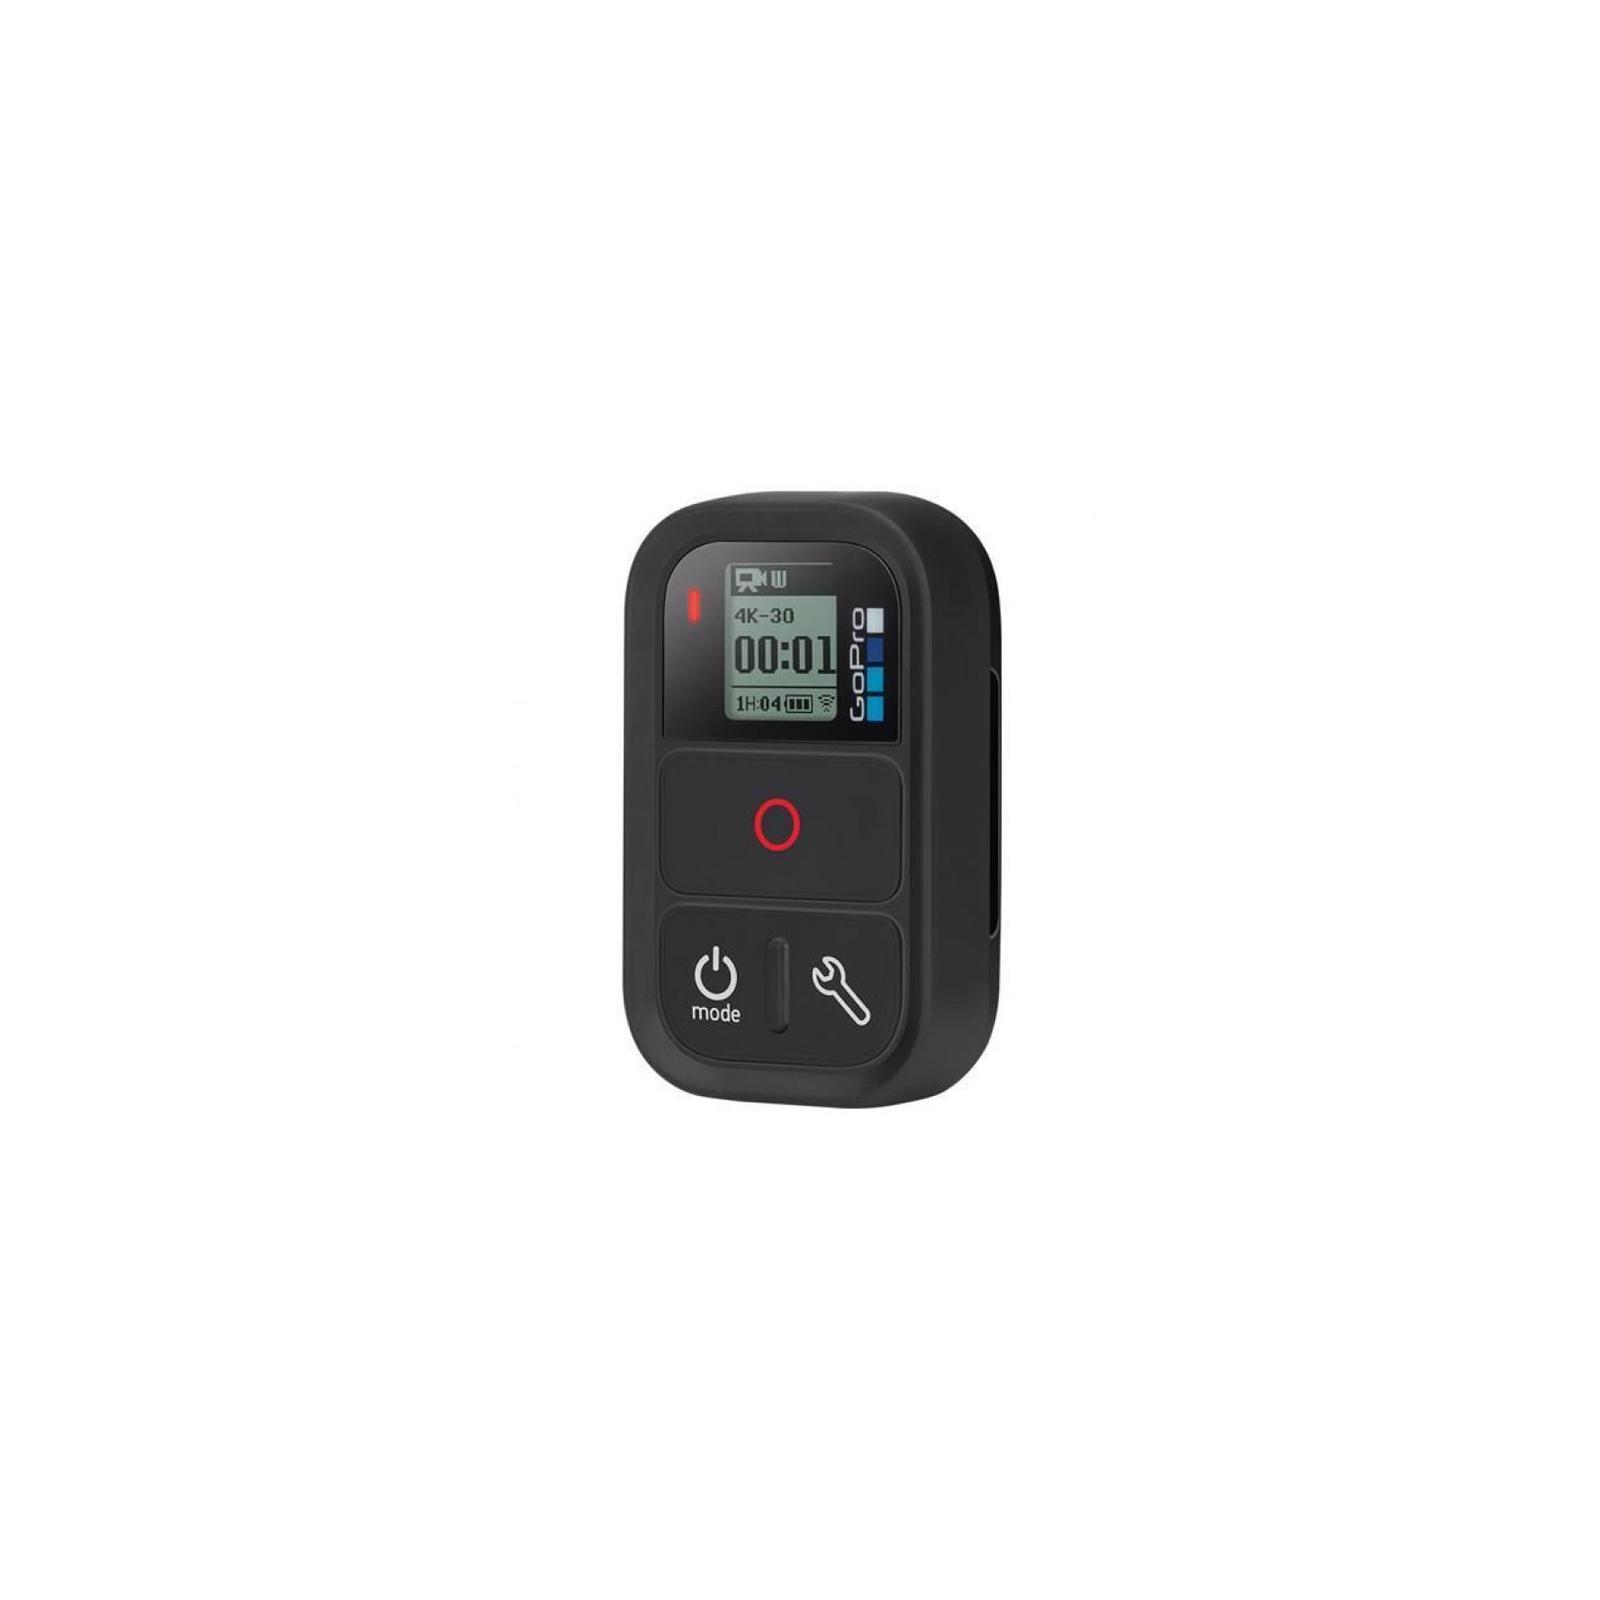 Пульт ДУ для фото- видеокамер GoPro Smart Remote (ARMTE-002-FR) изображение 3